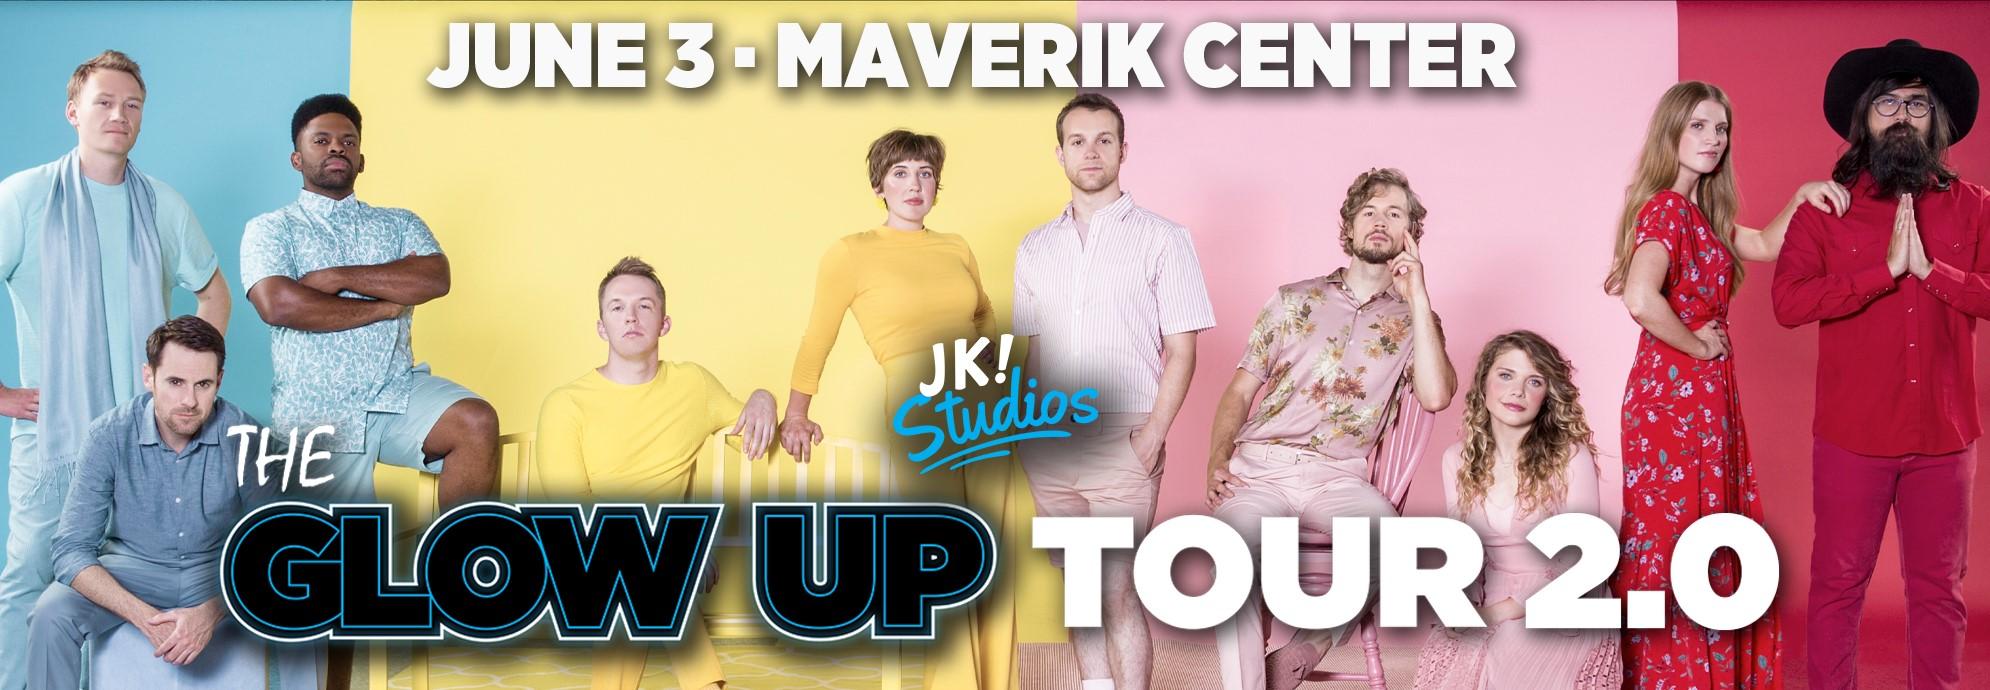 JK! Studios 'The Glow Up Tour 2.0'